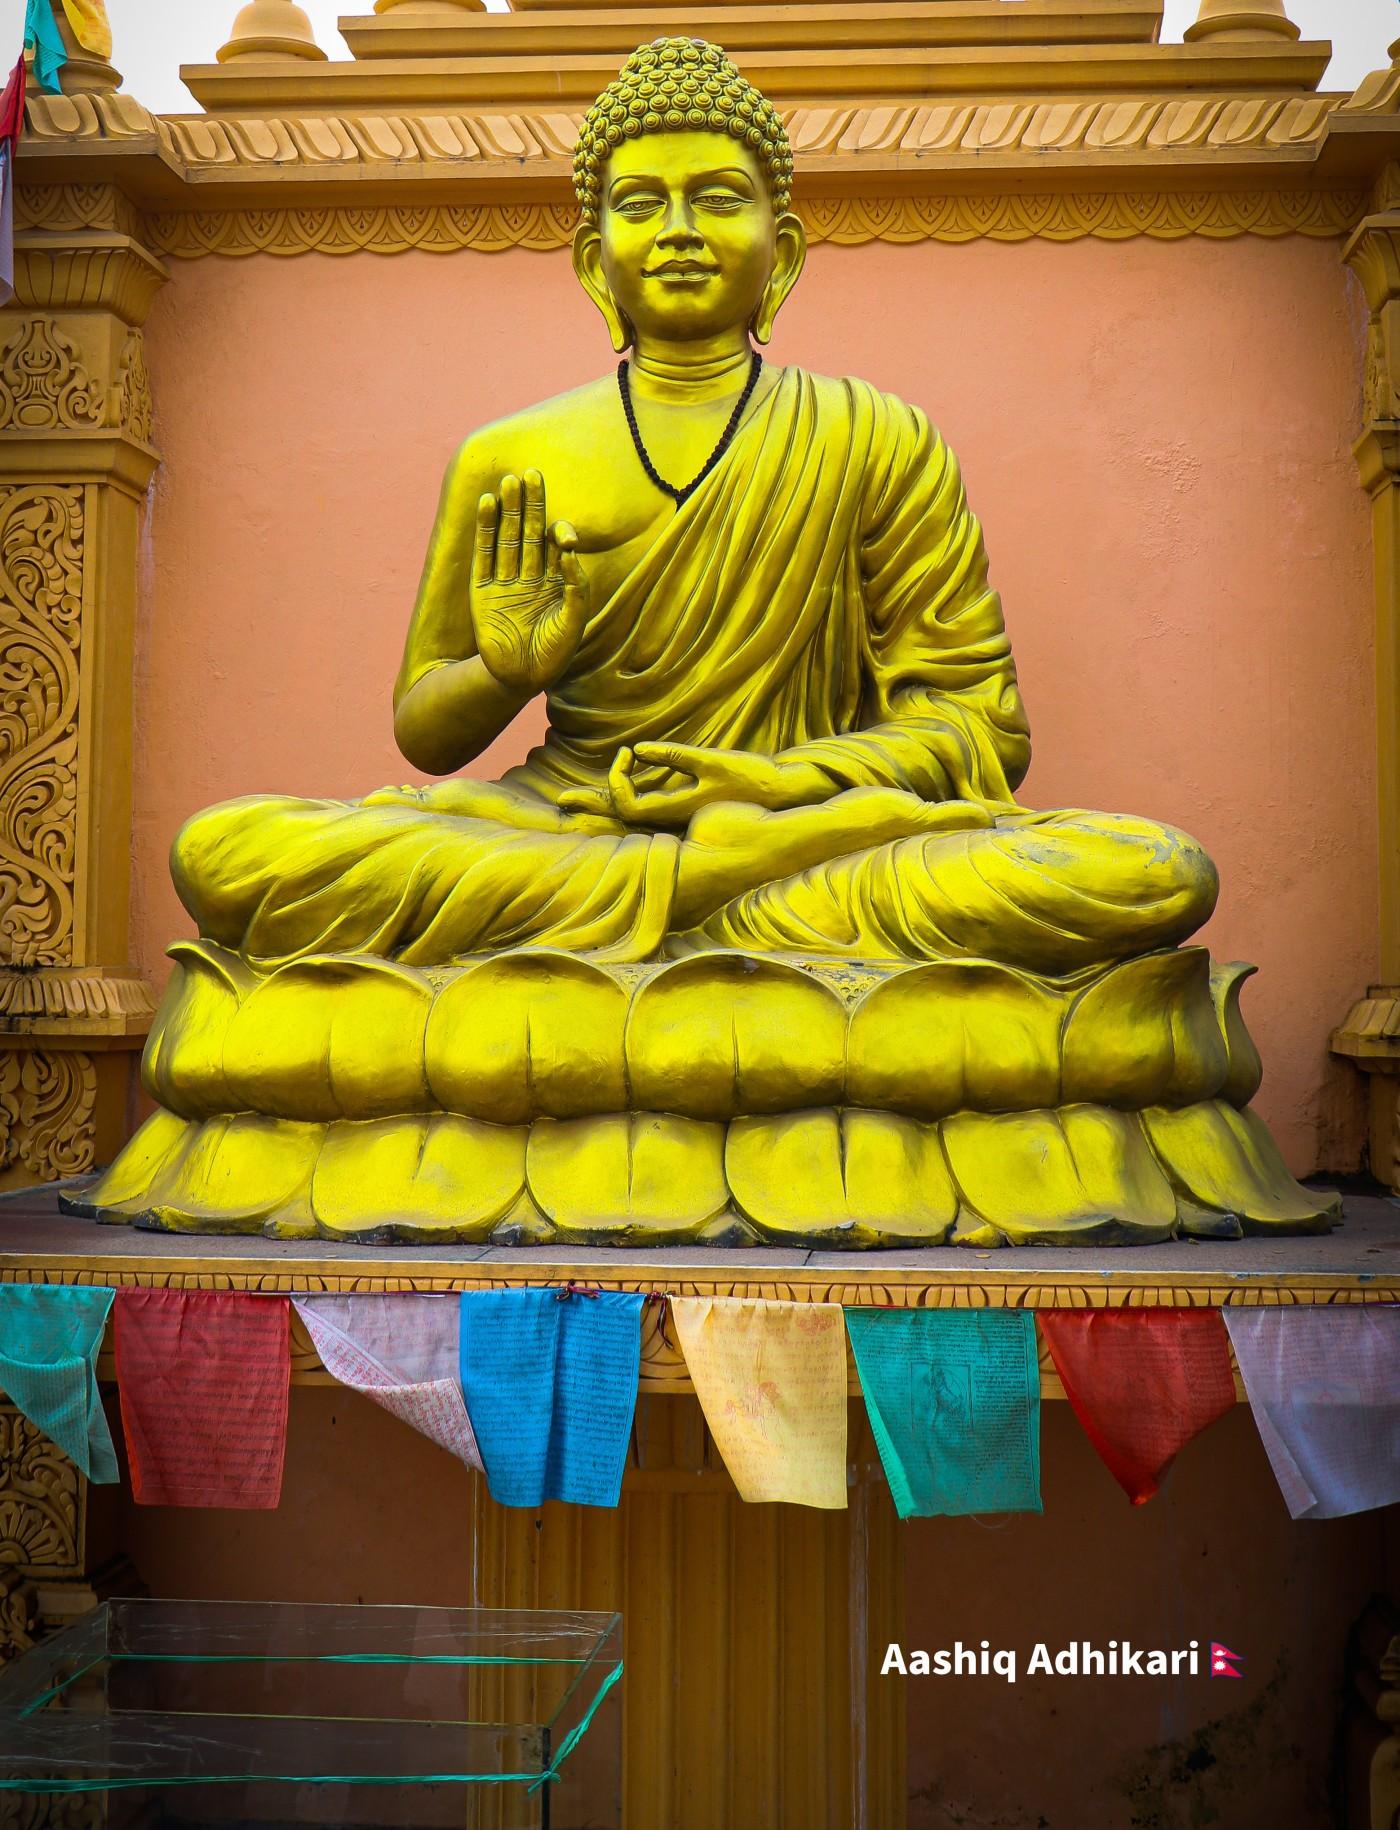 Beautiful Statue of Lord Budhha located in CG, Saswatdham.